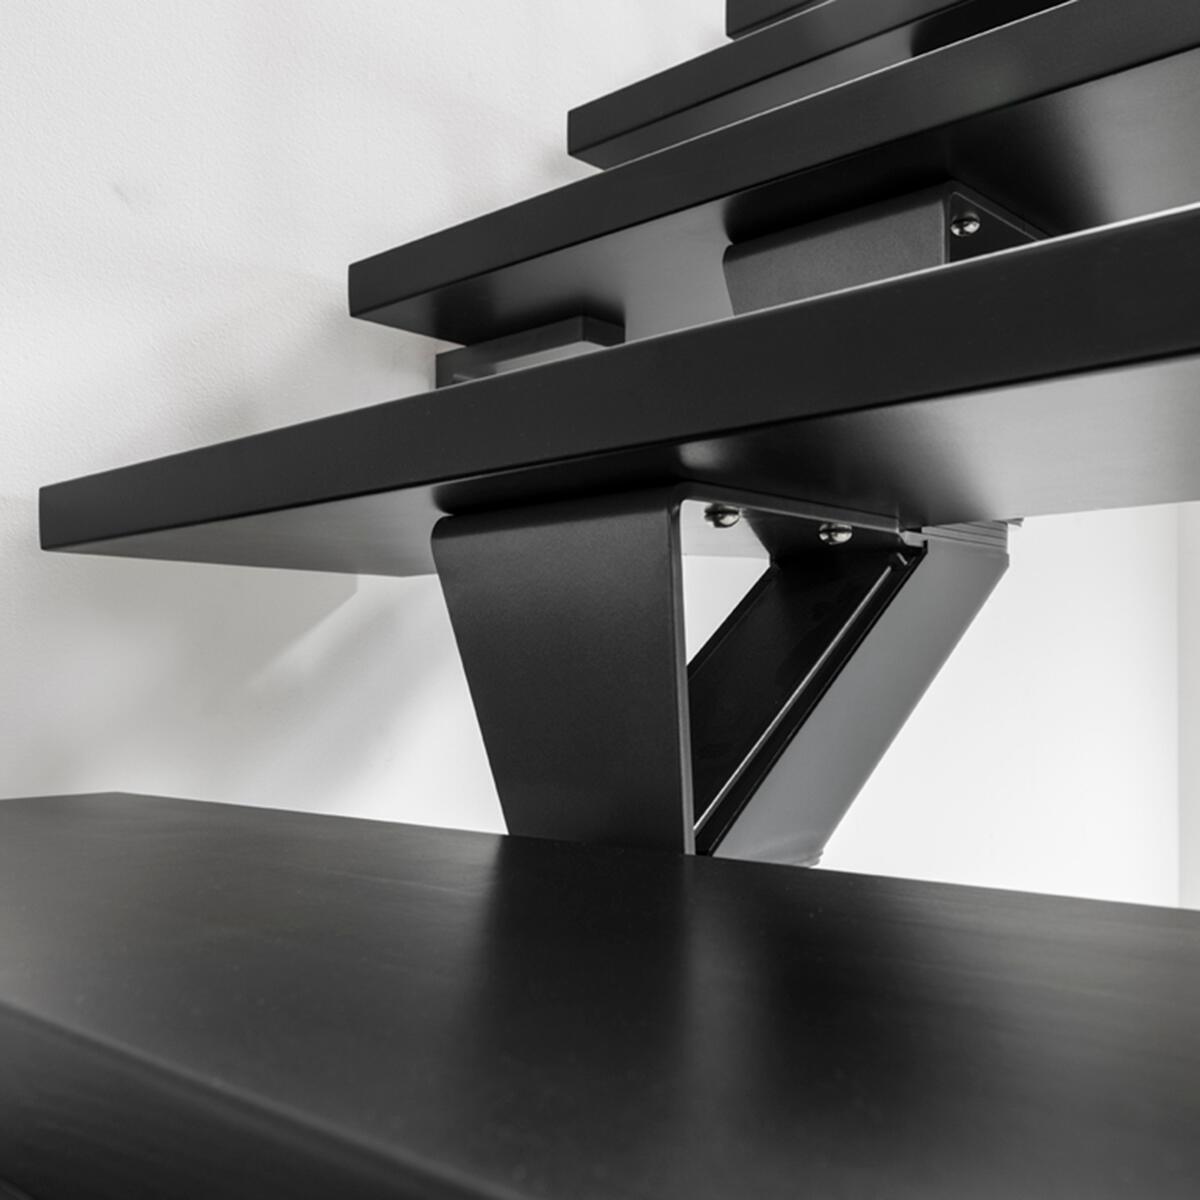 Scala a rampa 1/4 di giro Mas FONTANOT L 85 cm, gradino grigio antracite scuro, struttura antracite - 14